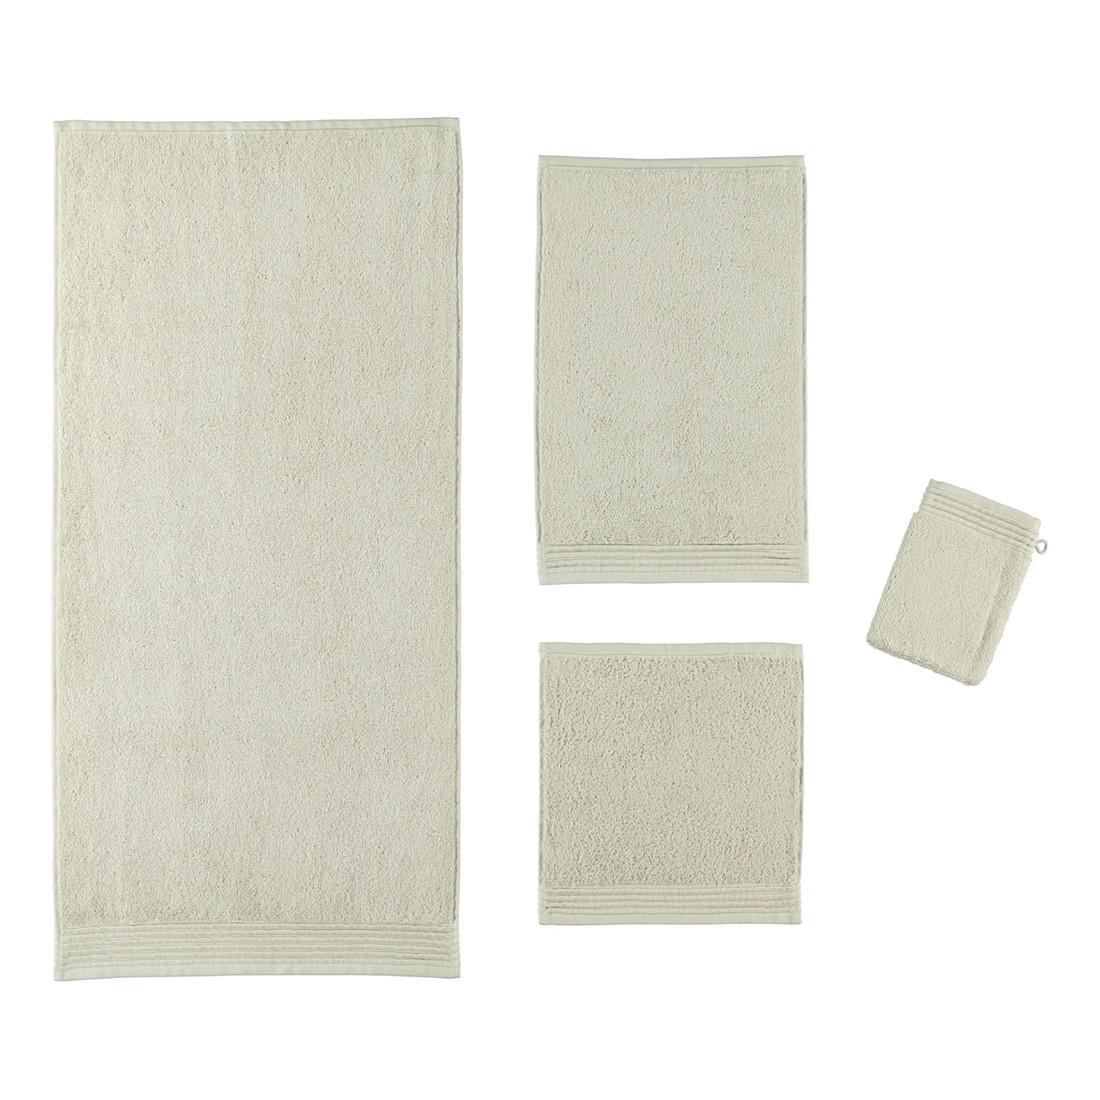 Handtuch LOFT – 100% Baumwolle papyrus – 714 – Gästetuch: 30 x 50 cm, Möve günstig bestellen